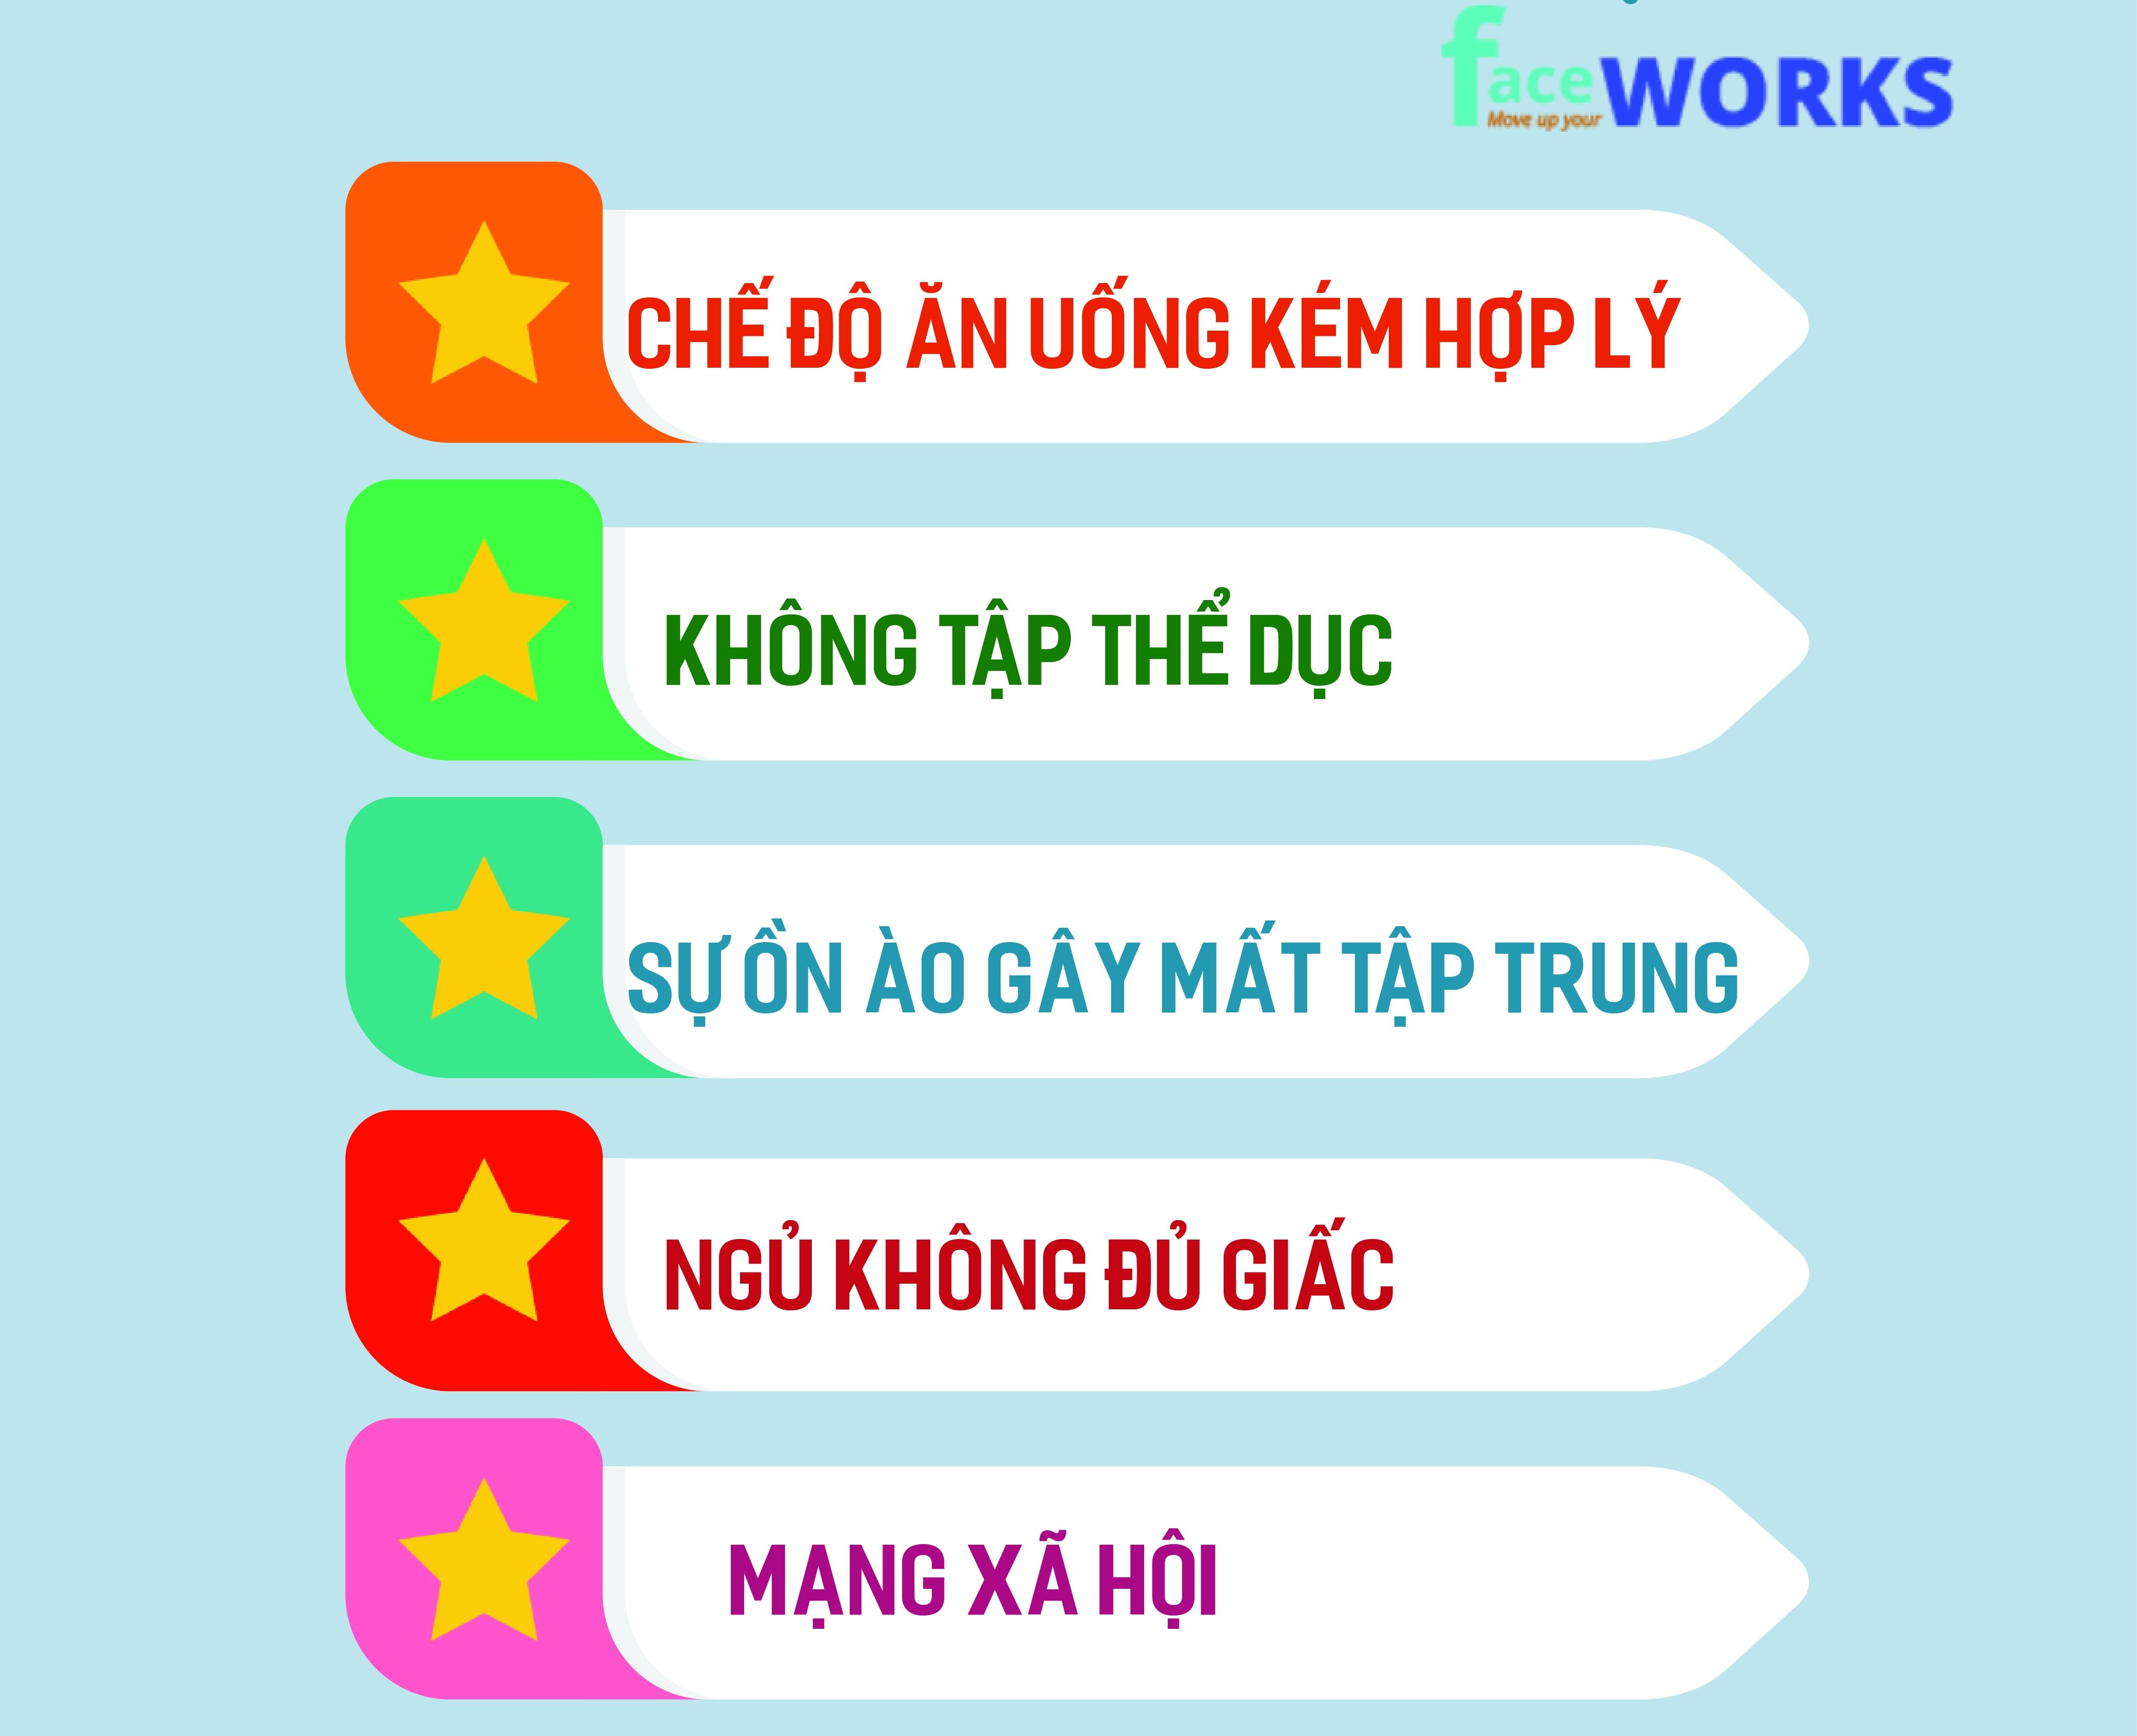 5 NGUYEN NHAN GAY THAT BAI TRONG QUAN LY CONG VIEC-01